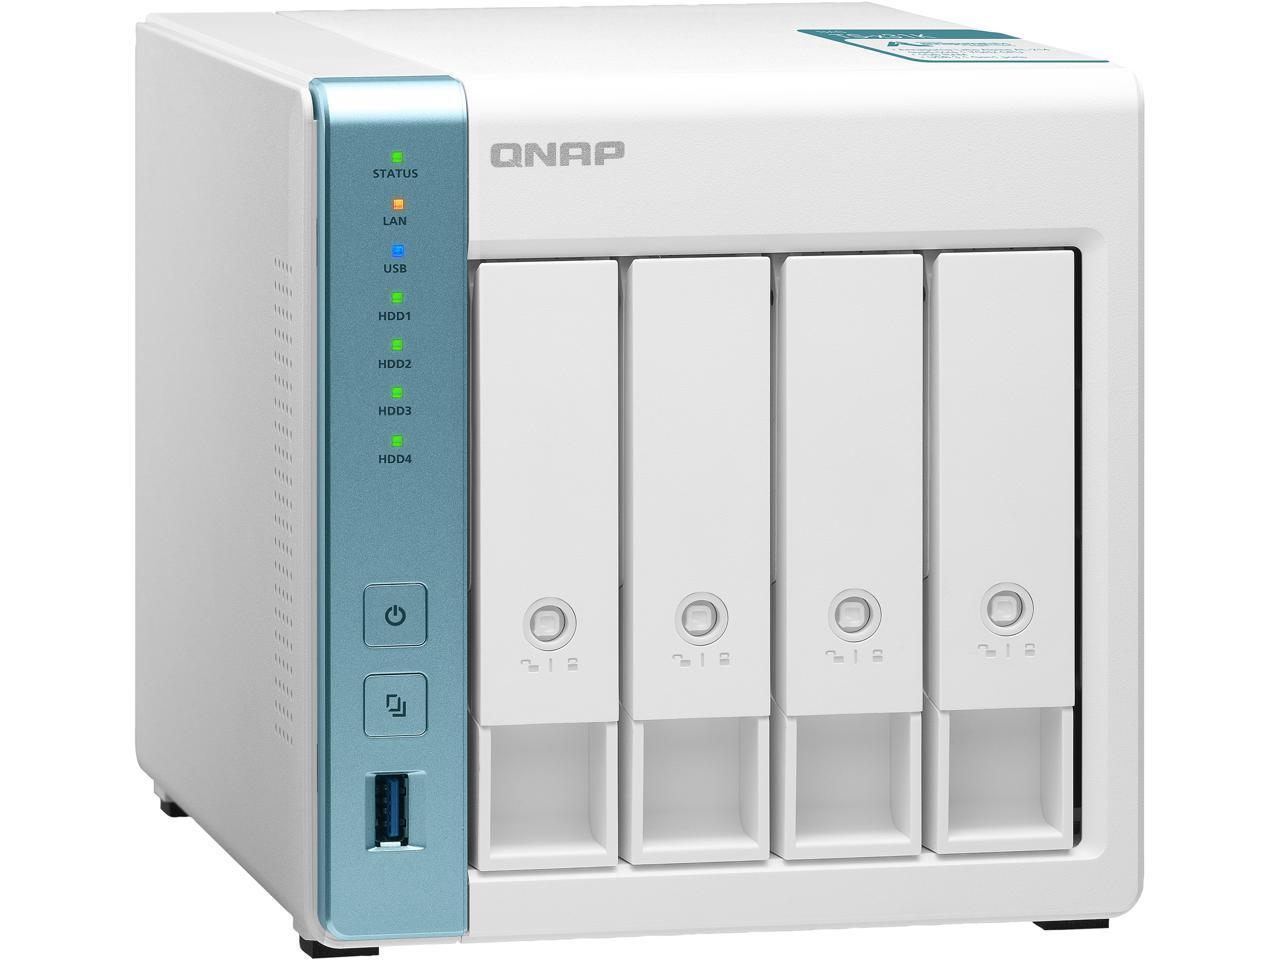 QNAP TS-431K $289 and TS-231K $189  at Newegg Fantastech Sale